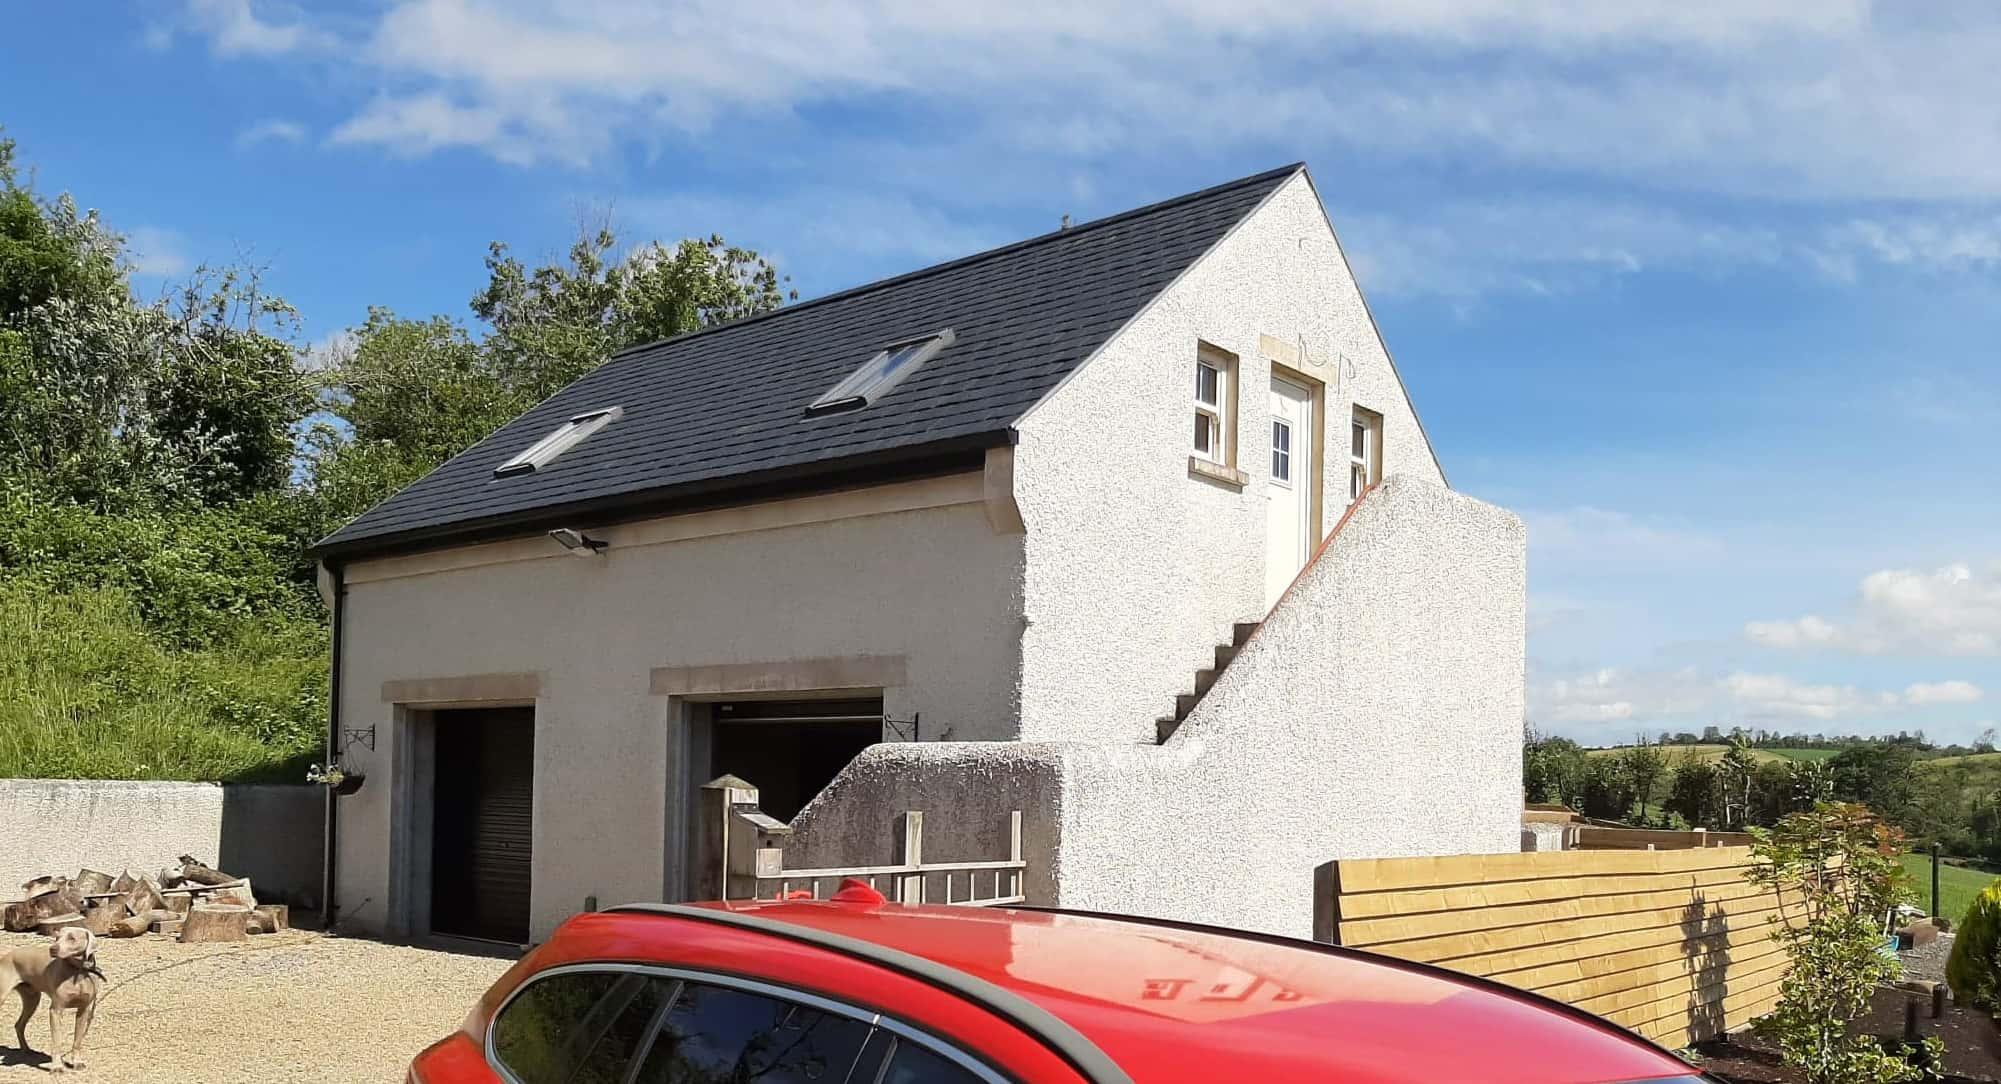 Wilson Dwelling - Garage